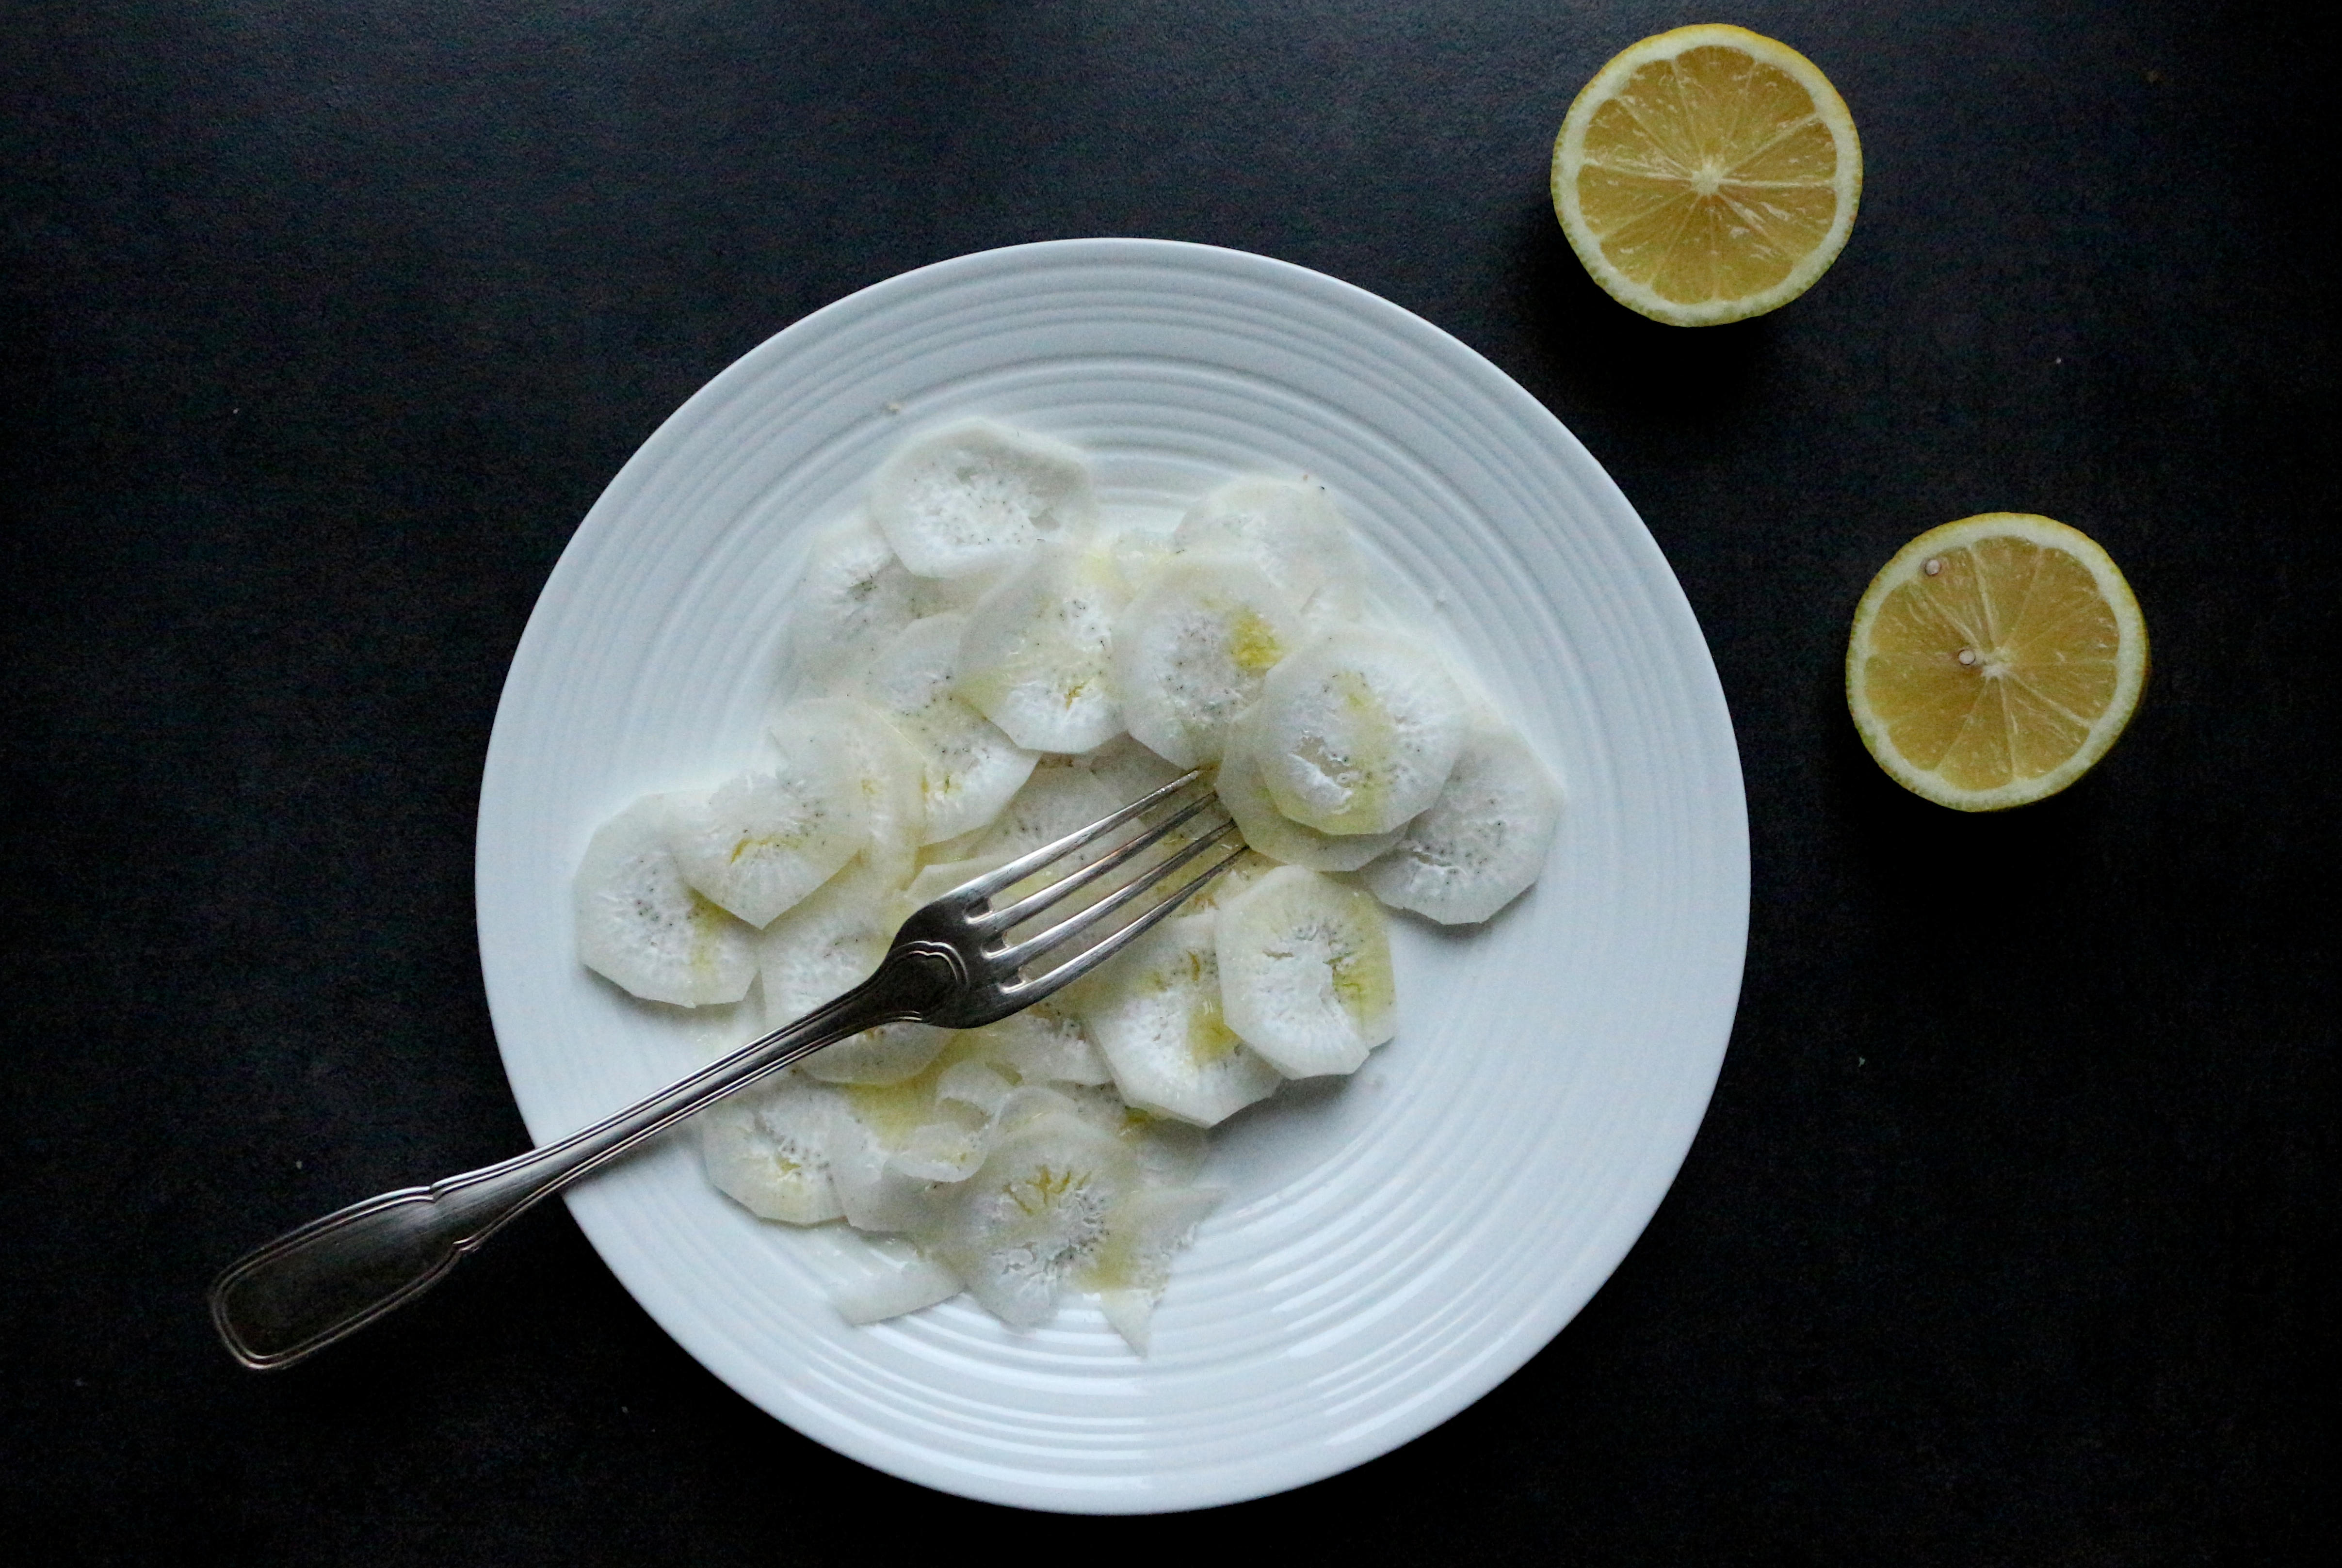 Comment se mange le radis noir r gime pauvre en calories - Cuisiner le radis noir cru ...